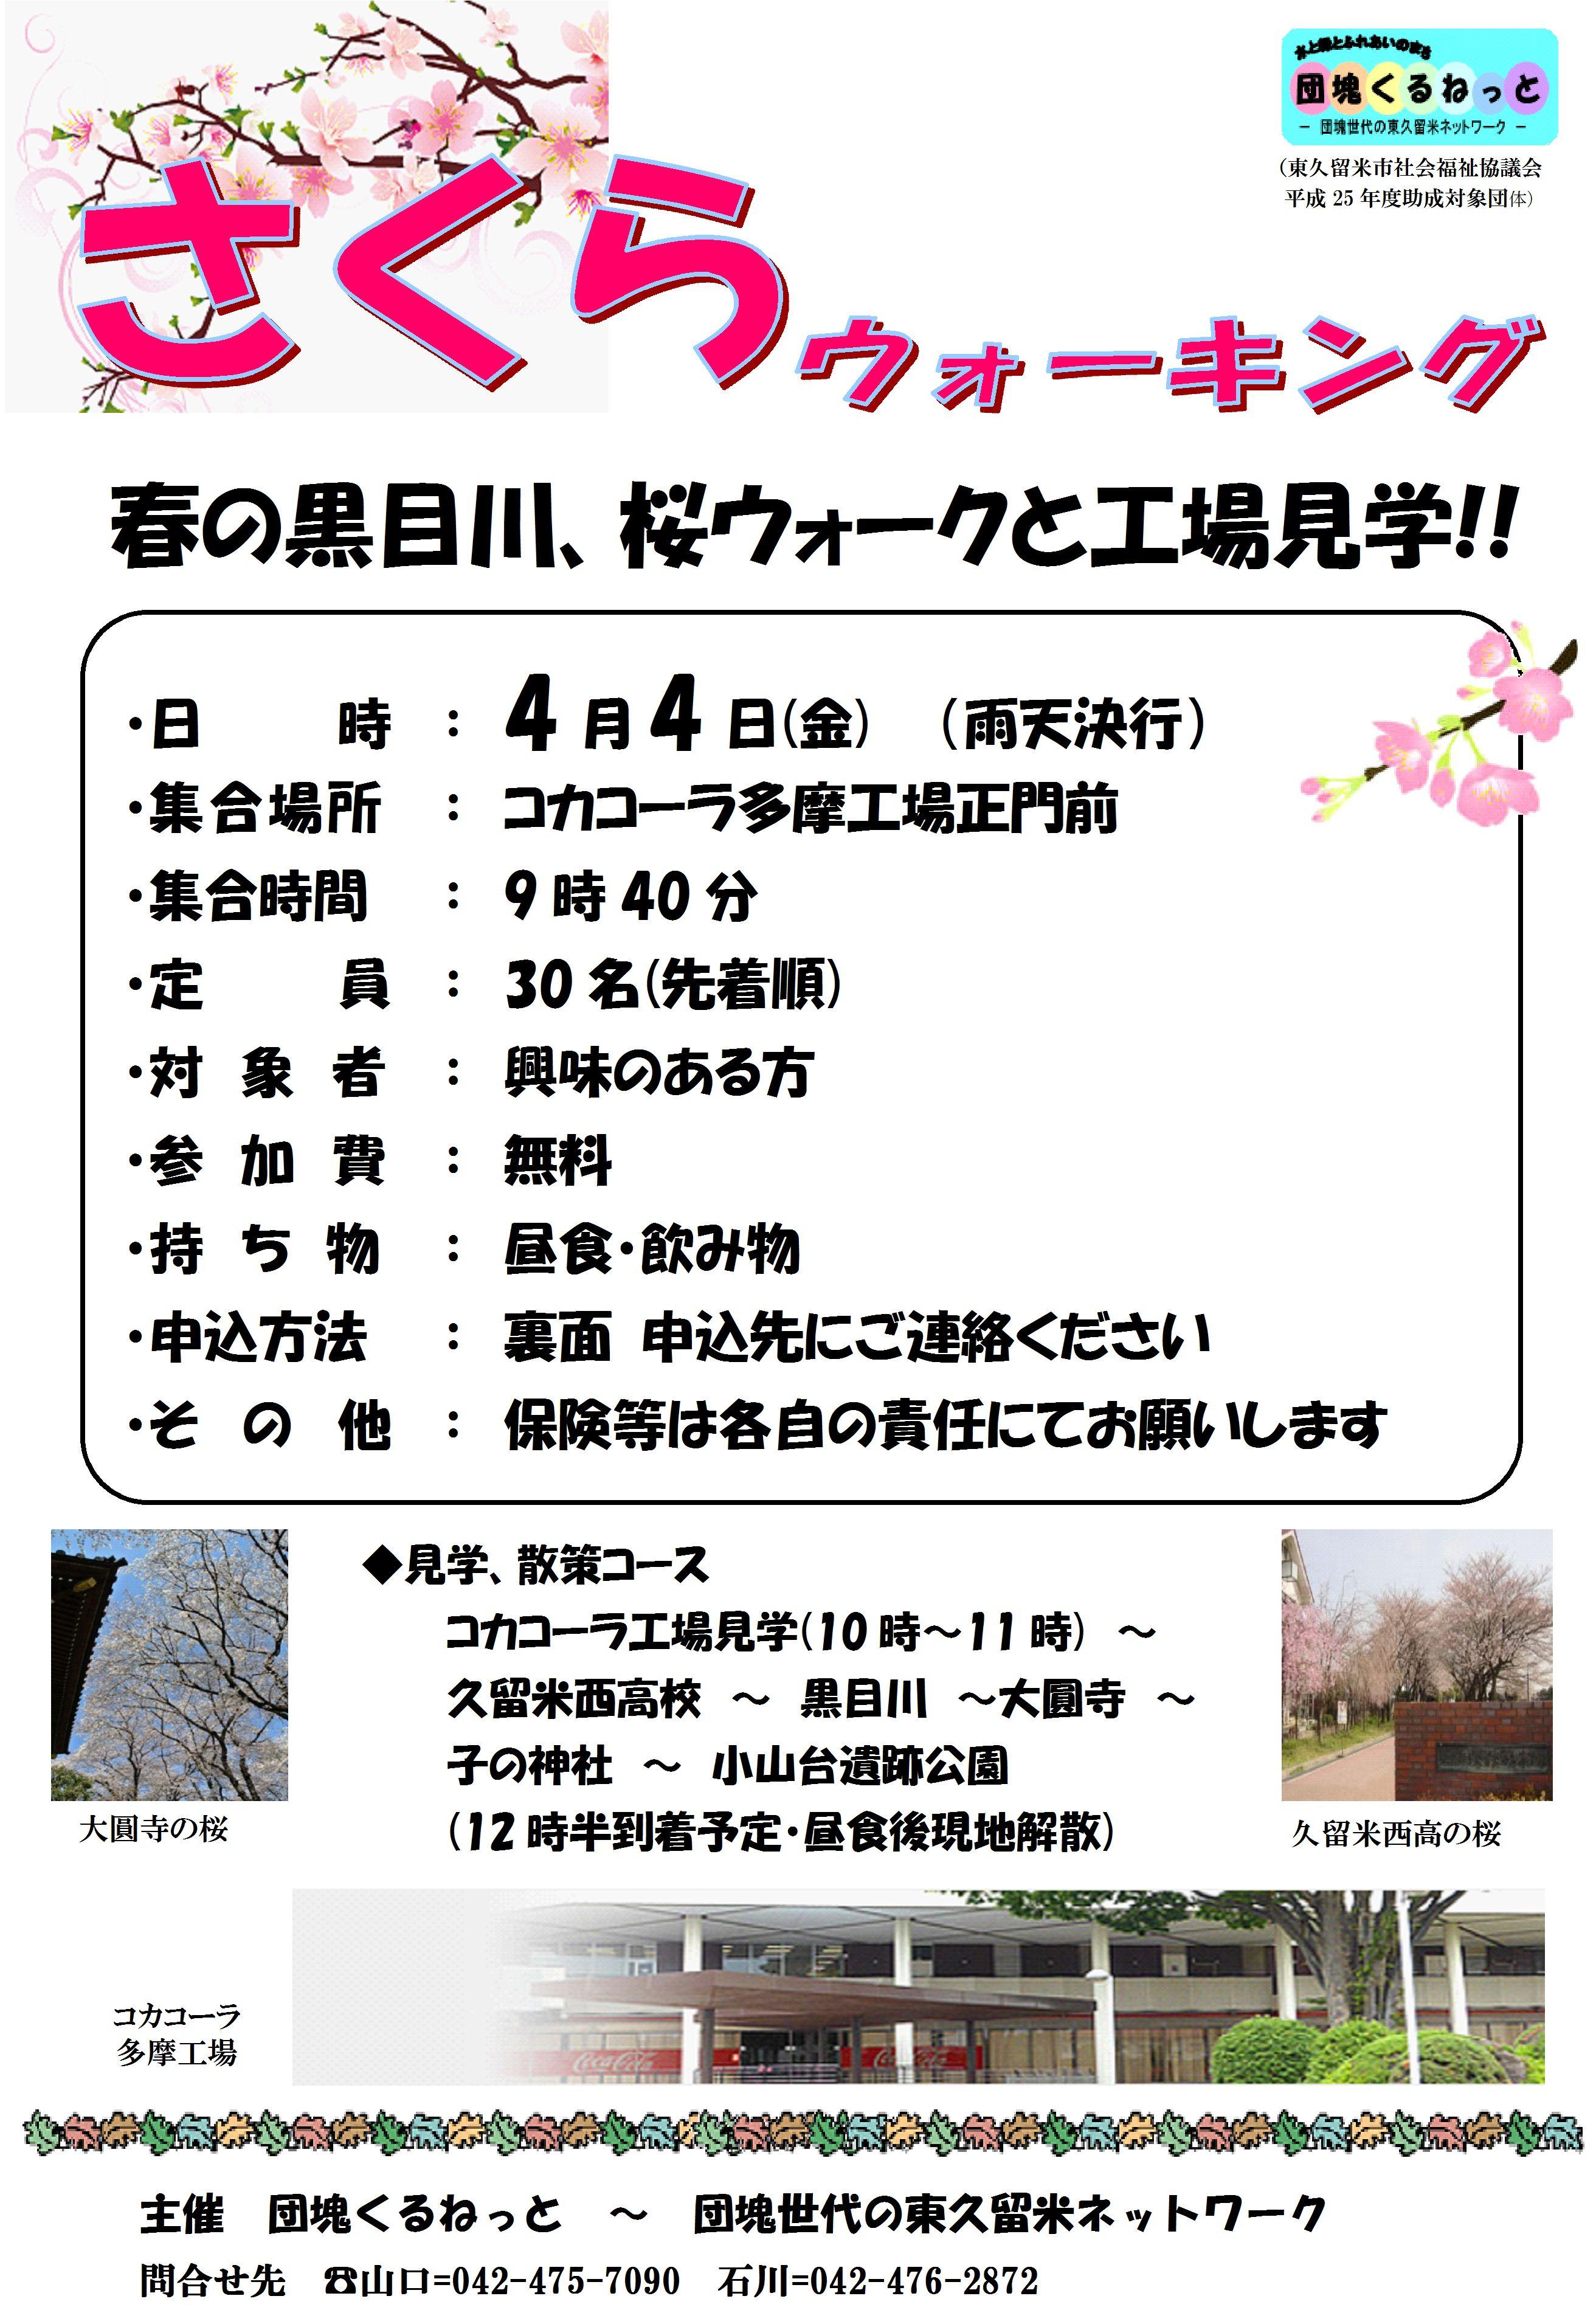 さくらウォーキング ~ 春の黒目川、桜ウォークと工場見学